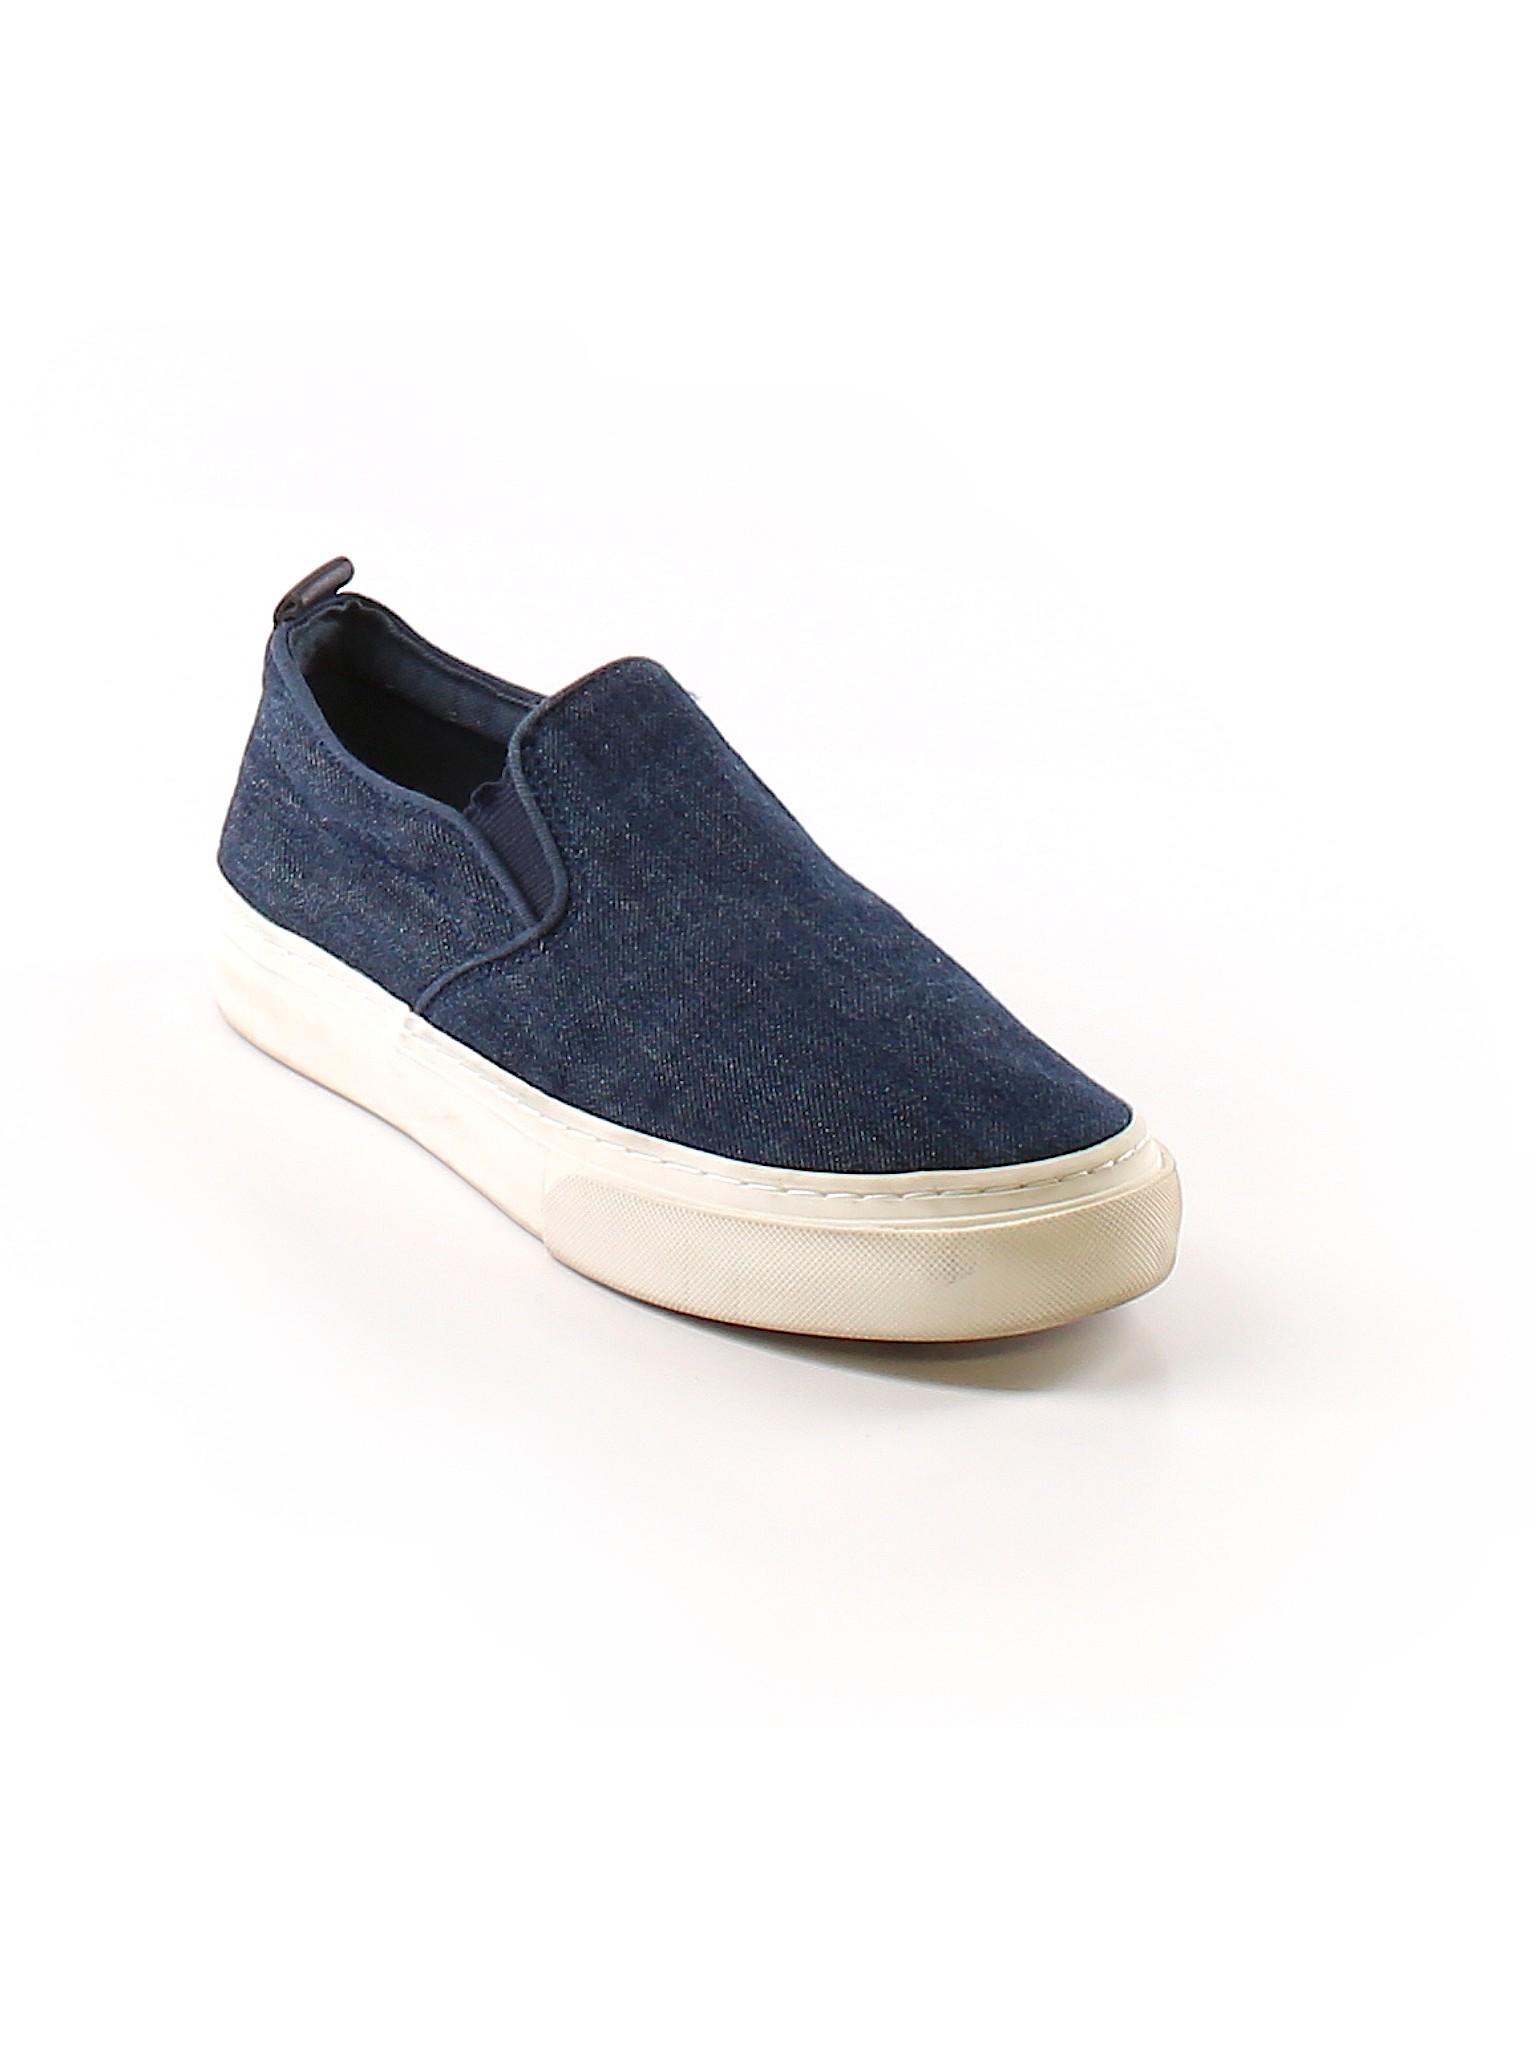 Boutique Gap promotion promotion Sneakers Boutique F0qwFfxT